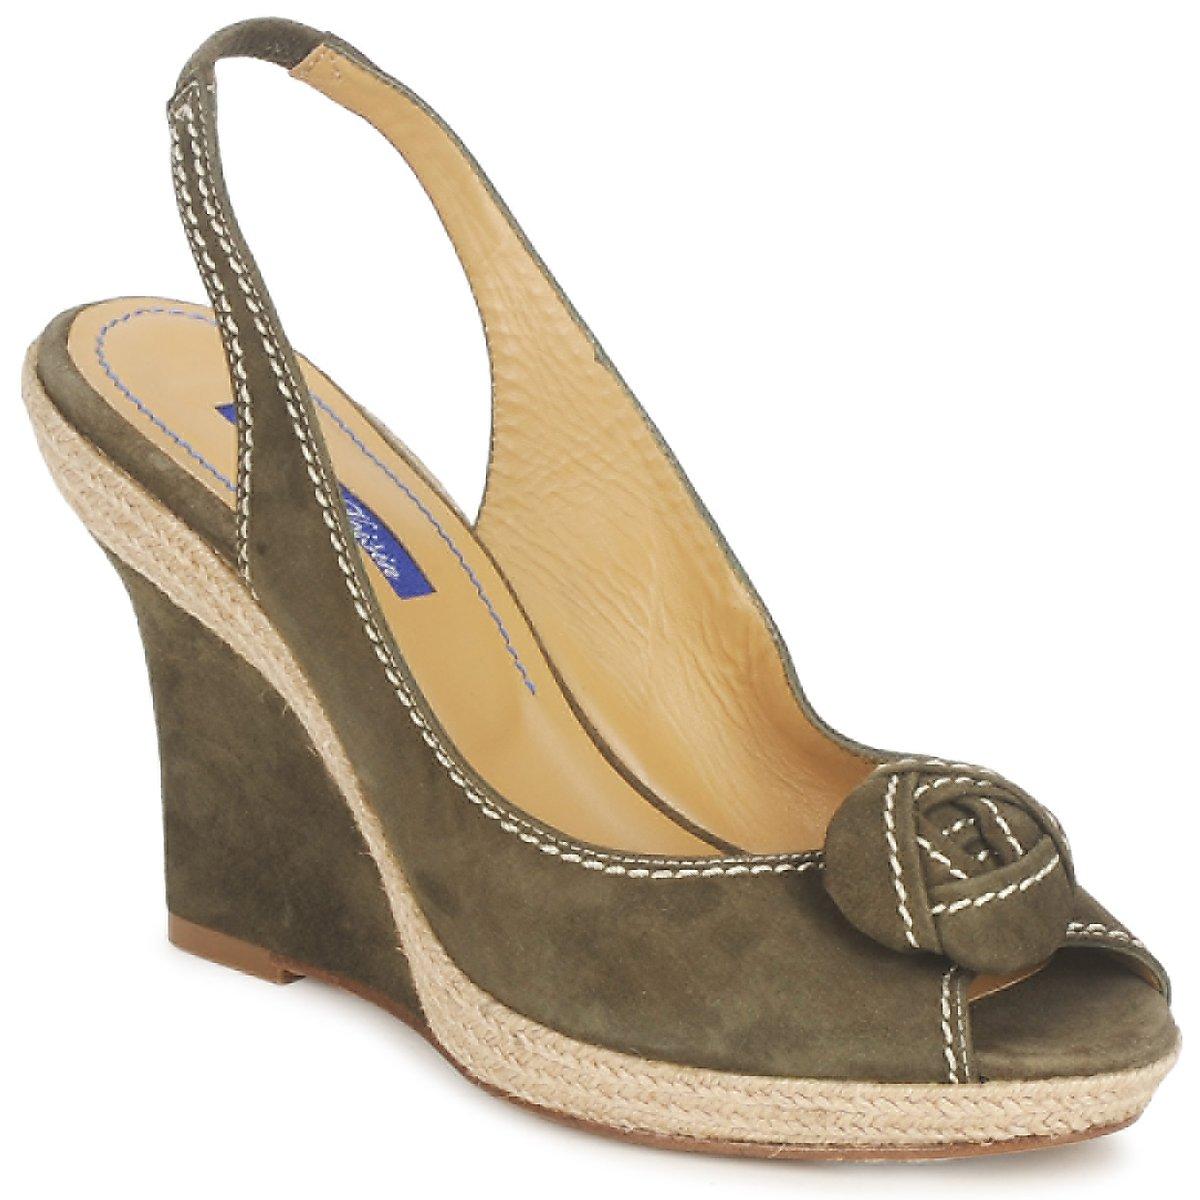 Sandals Atelier Voisin ALIX KAKI